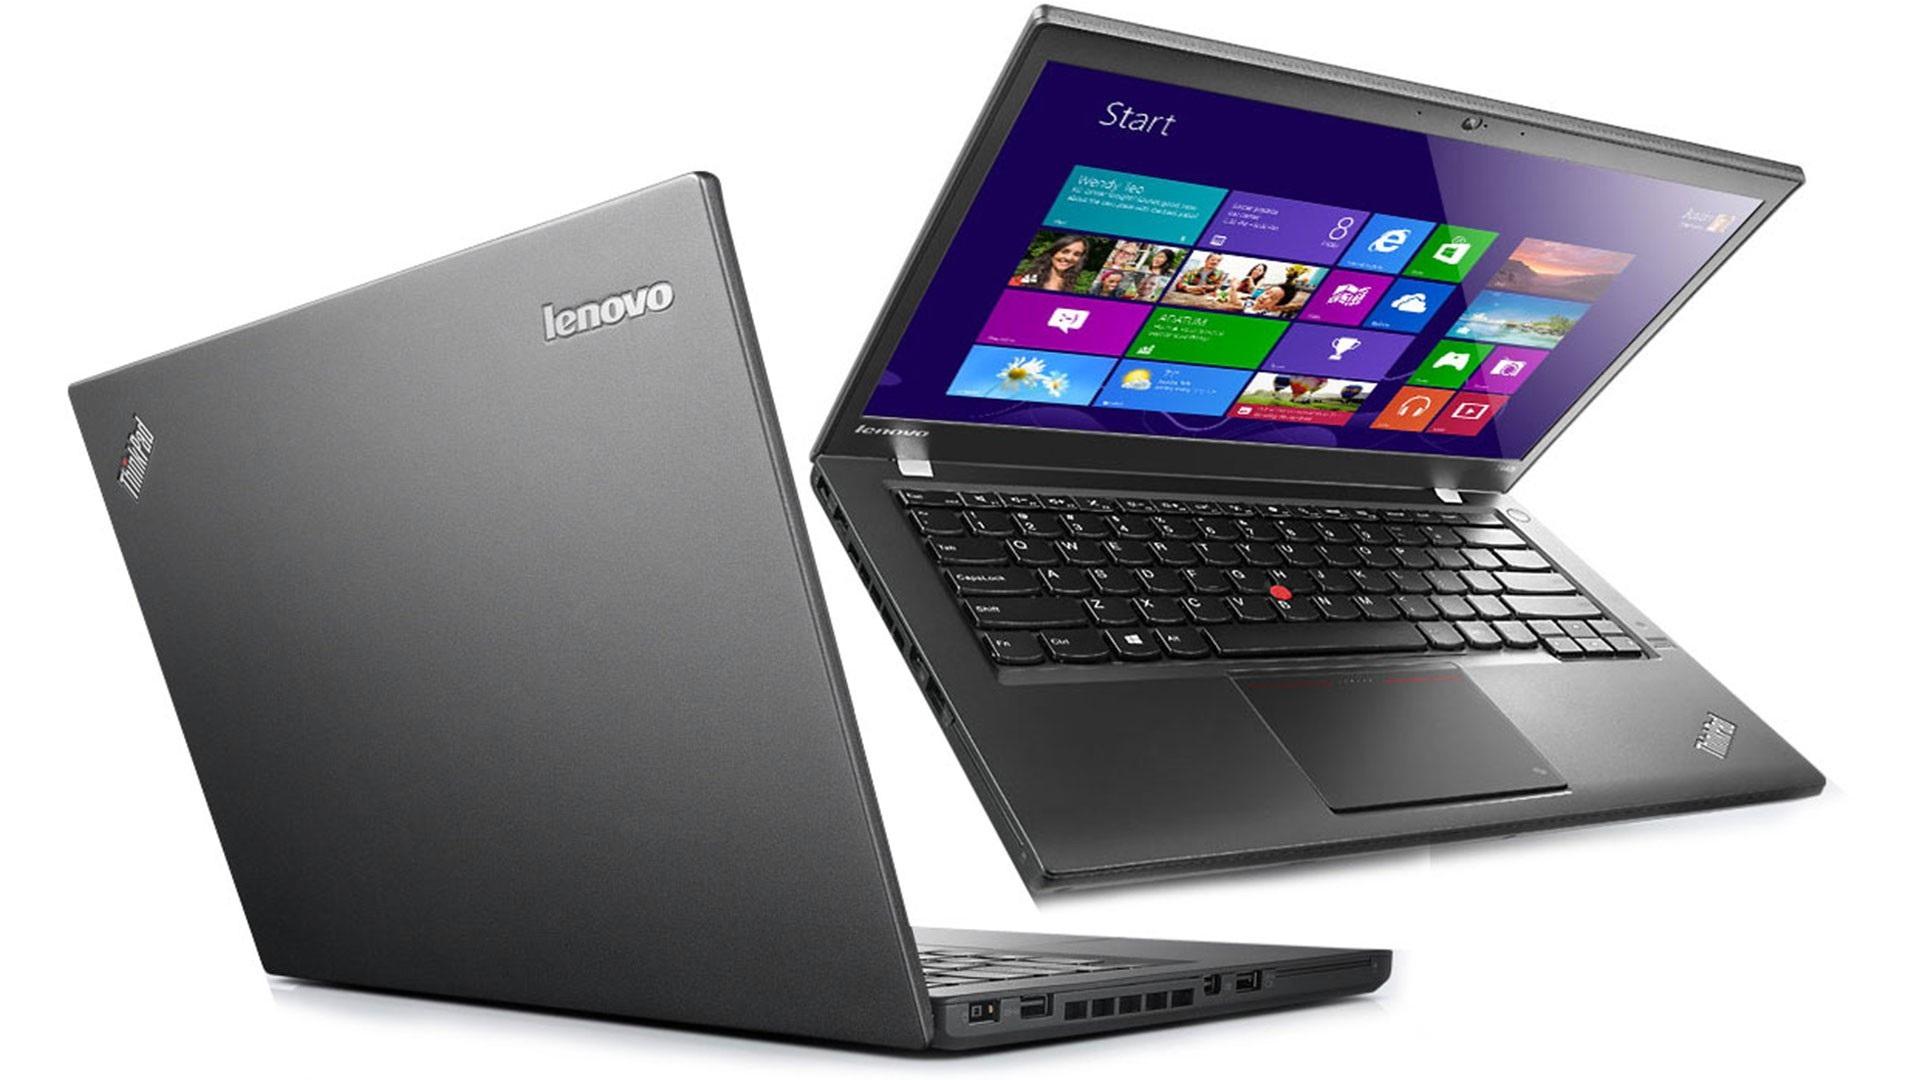 Laptop lenovo thinkpad T440 có thiết kế vô cùng nhỏ gọn